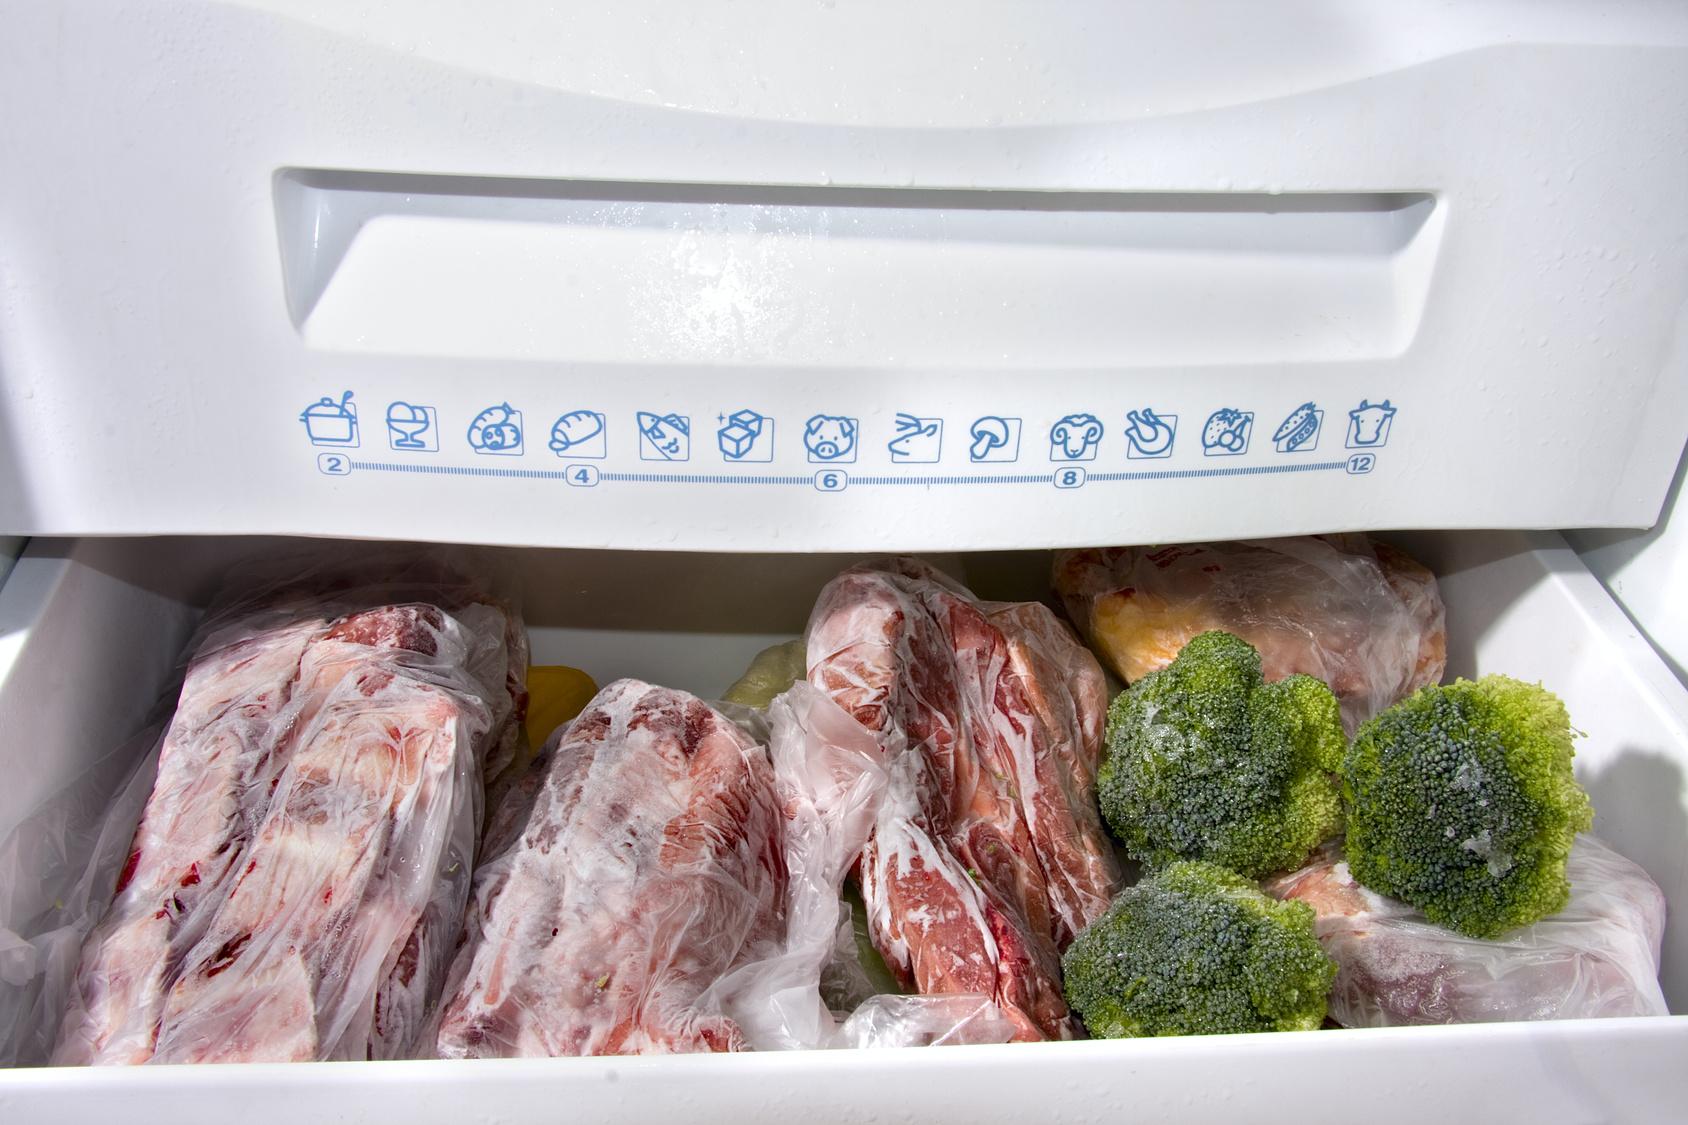 Gorenje Kühlschrank Abtauen : Gefrierschrank abtauen u gefrierfach abtauen anleitung